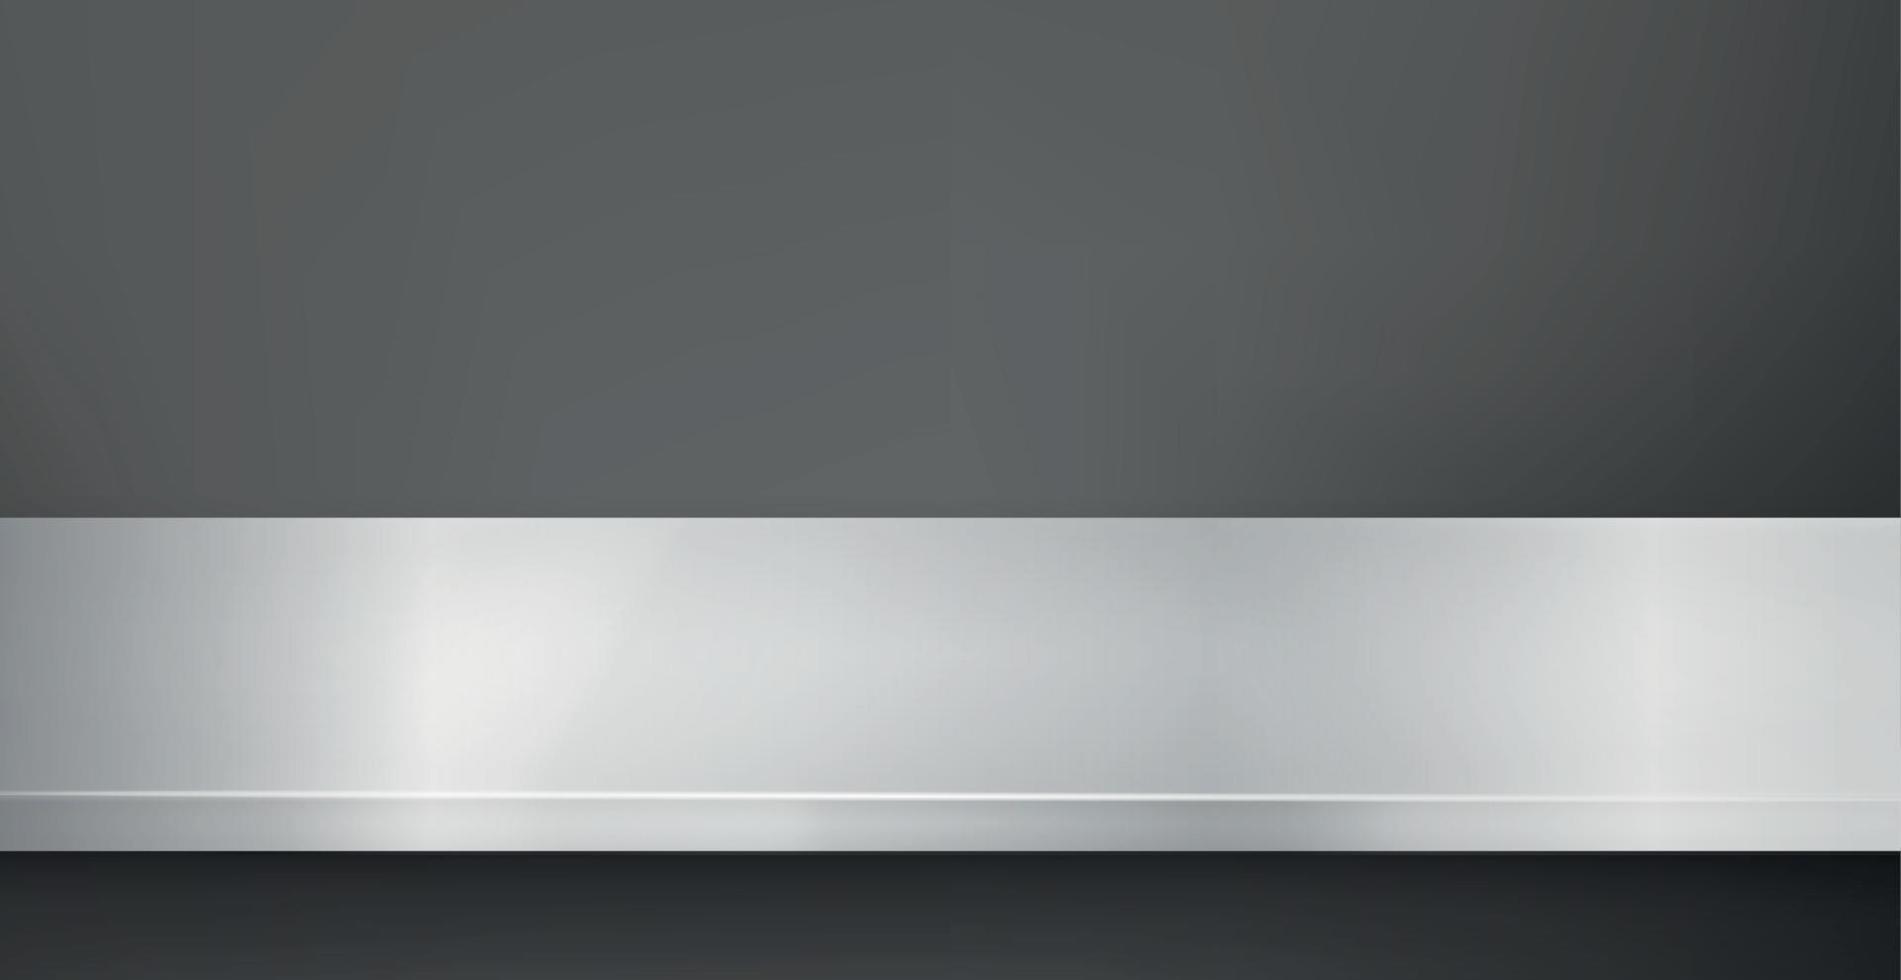 metalen keuken aanrecht, ijzer textuur, grote tafel op een zwarte achtergrond - vector